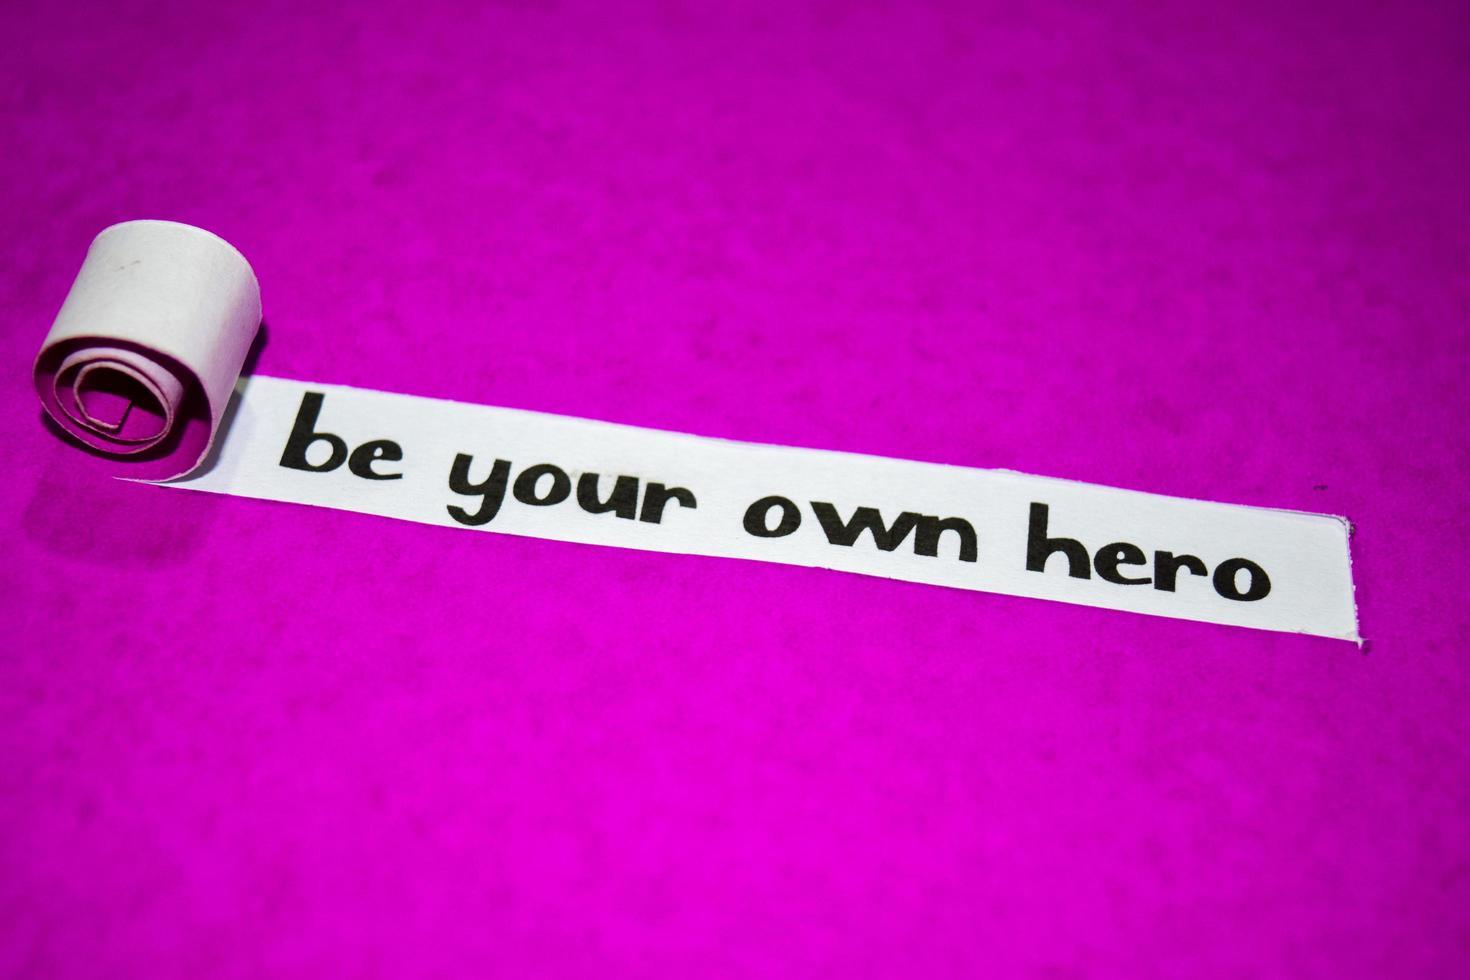 wees je eigen heldtekst, inspiratie, motivatie en bedrijfsconcept op paars gescheurd papier foto